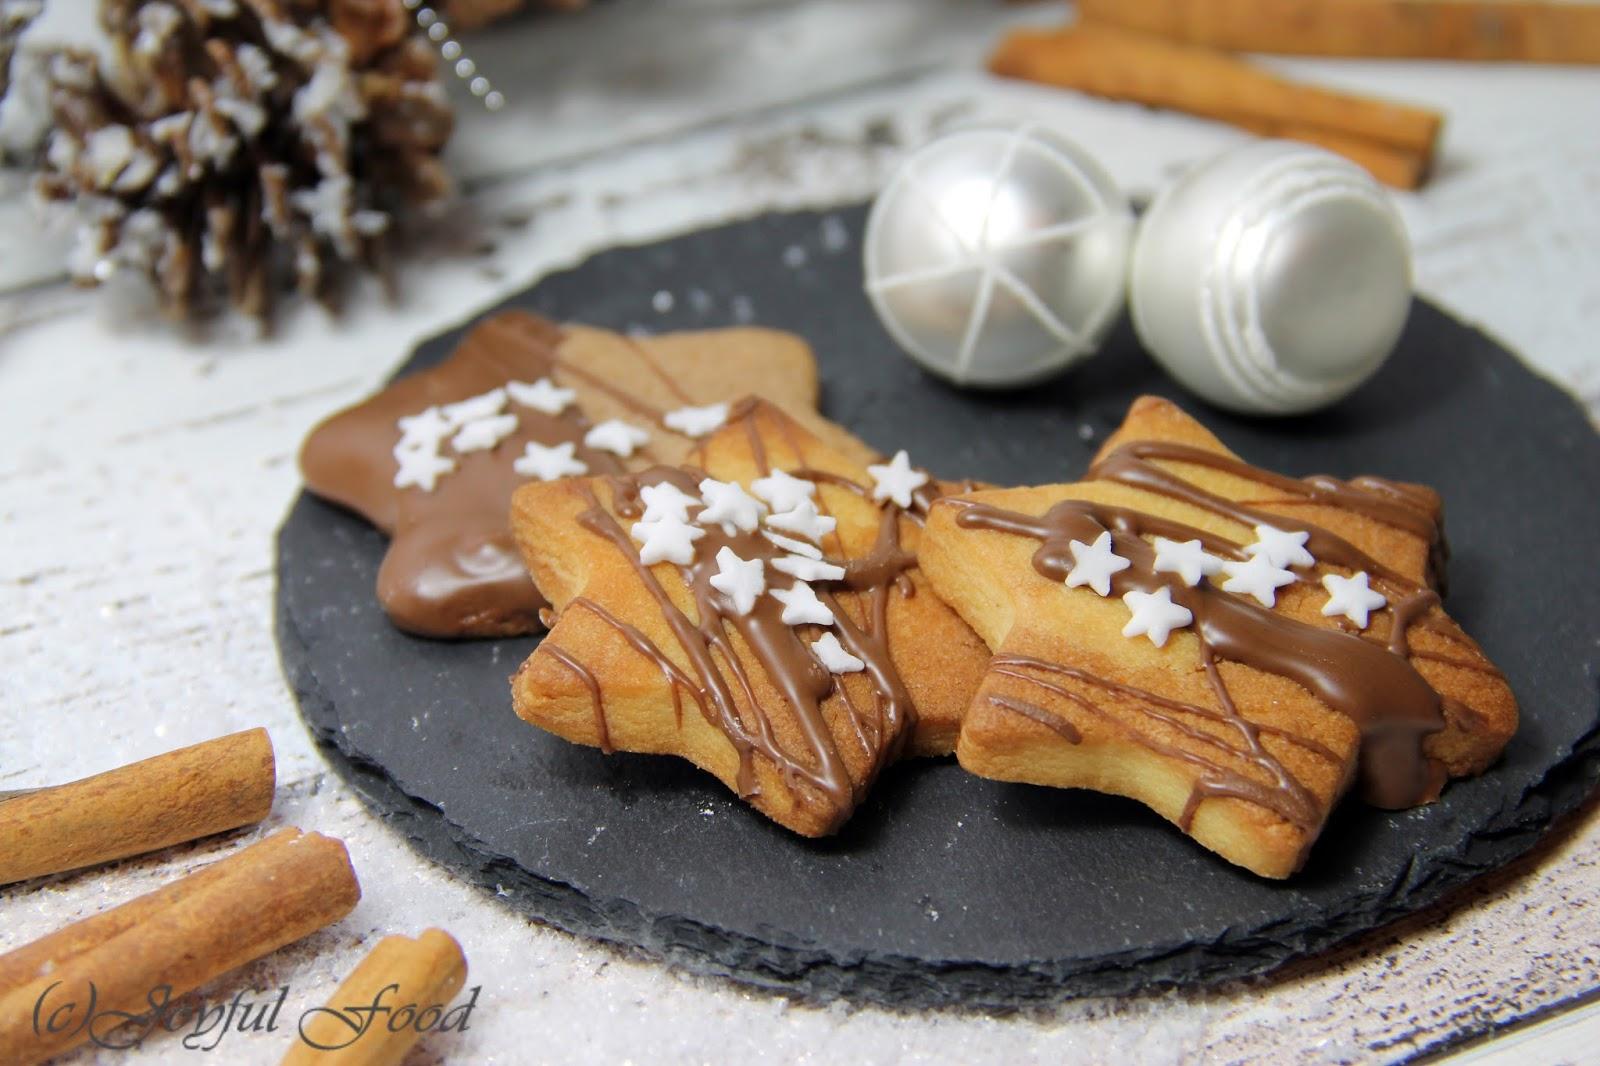 Weihnachtsplätzchen Eigelbverwertung.Nougatsterne Leckere Weihnachtsplätzchen Joyful Food